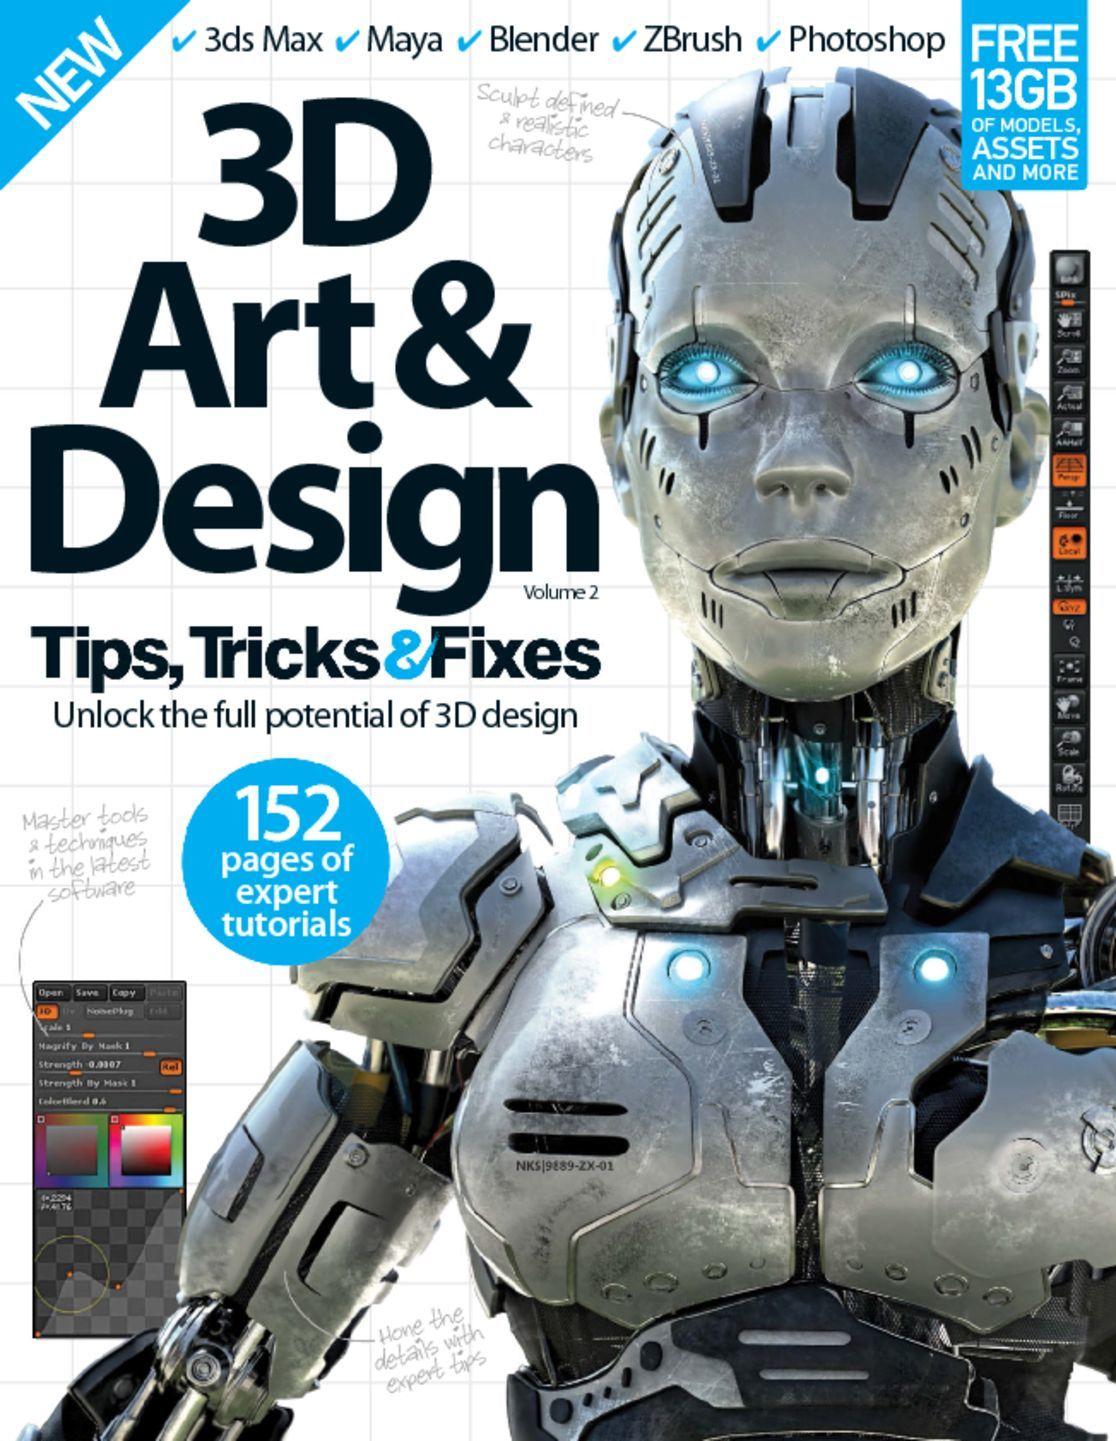 3D Art & Design Tips, Tricks & Fixes (Digital)